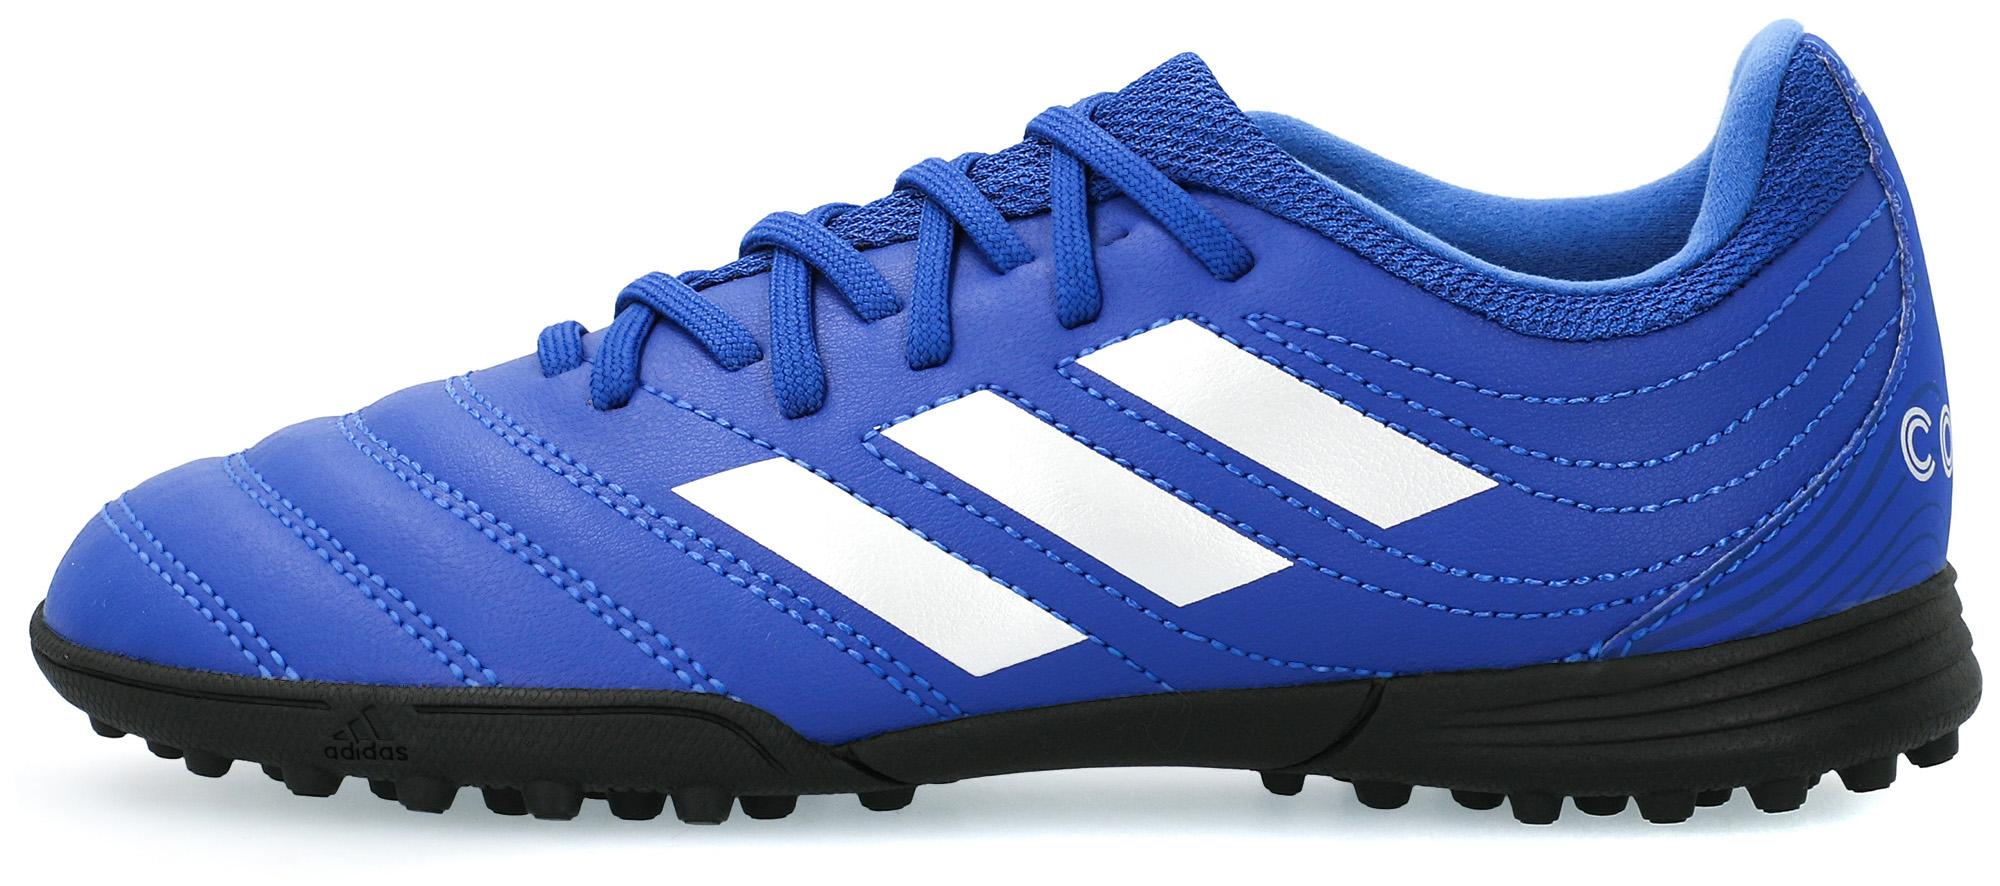 Бутсы для мальчиков adidas Copa 20.3 TF J, размер 35.5 adidas бутсы для мальчиков adidas copa 20 3 fg j размер 37